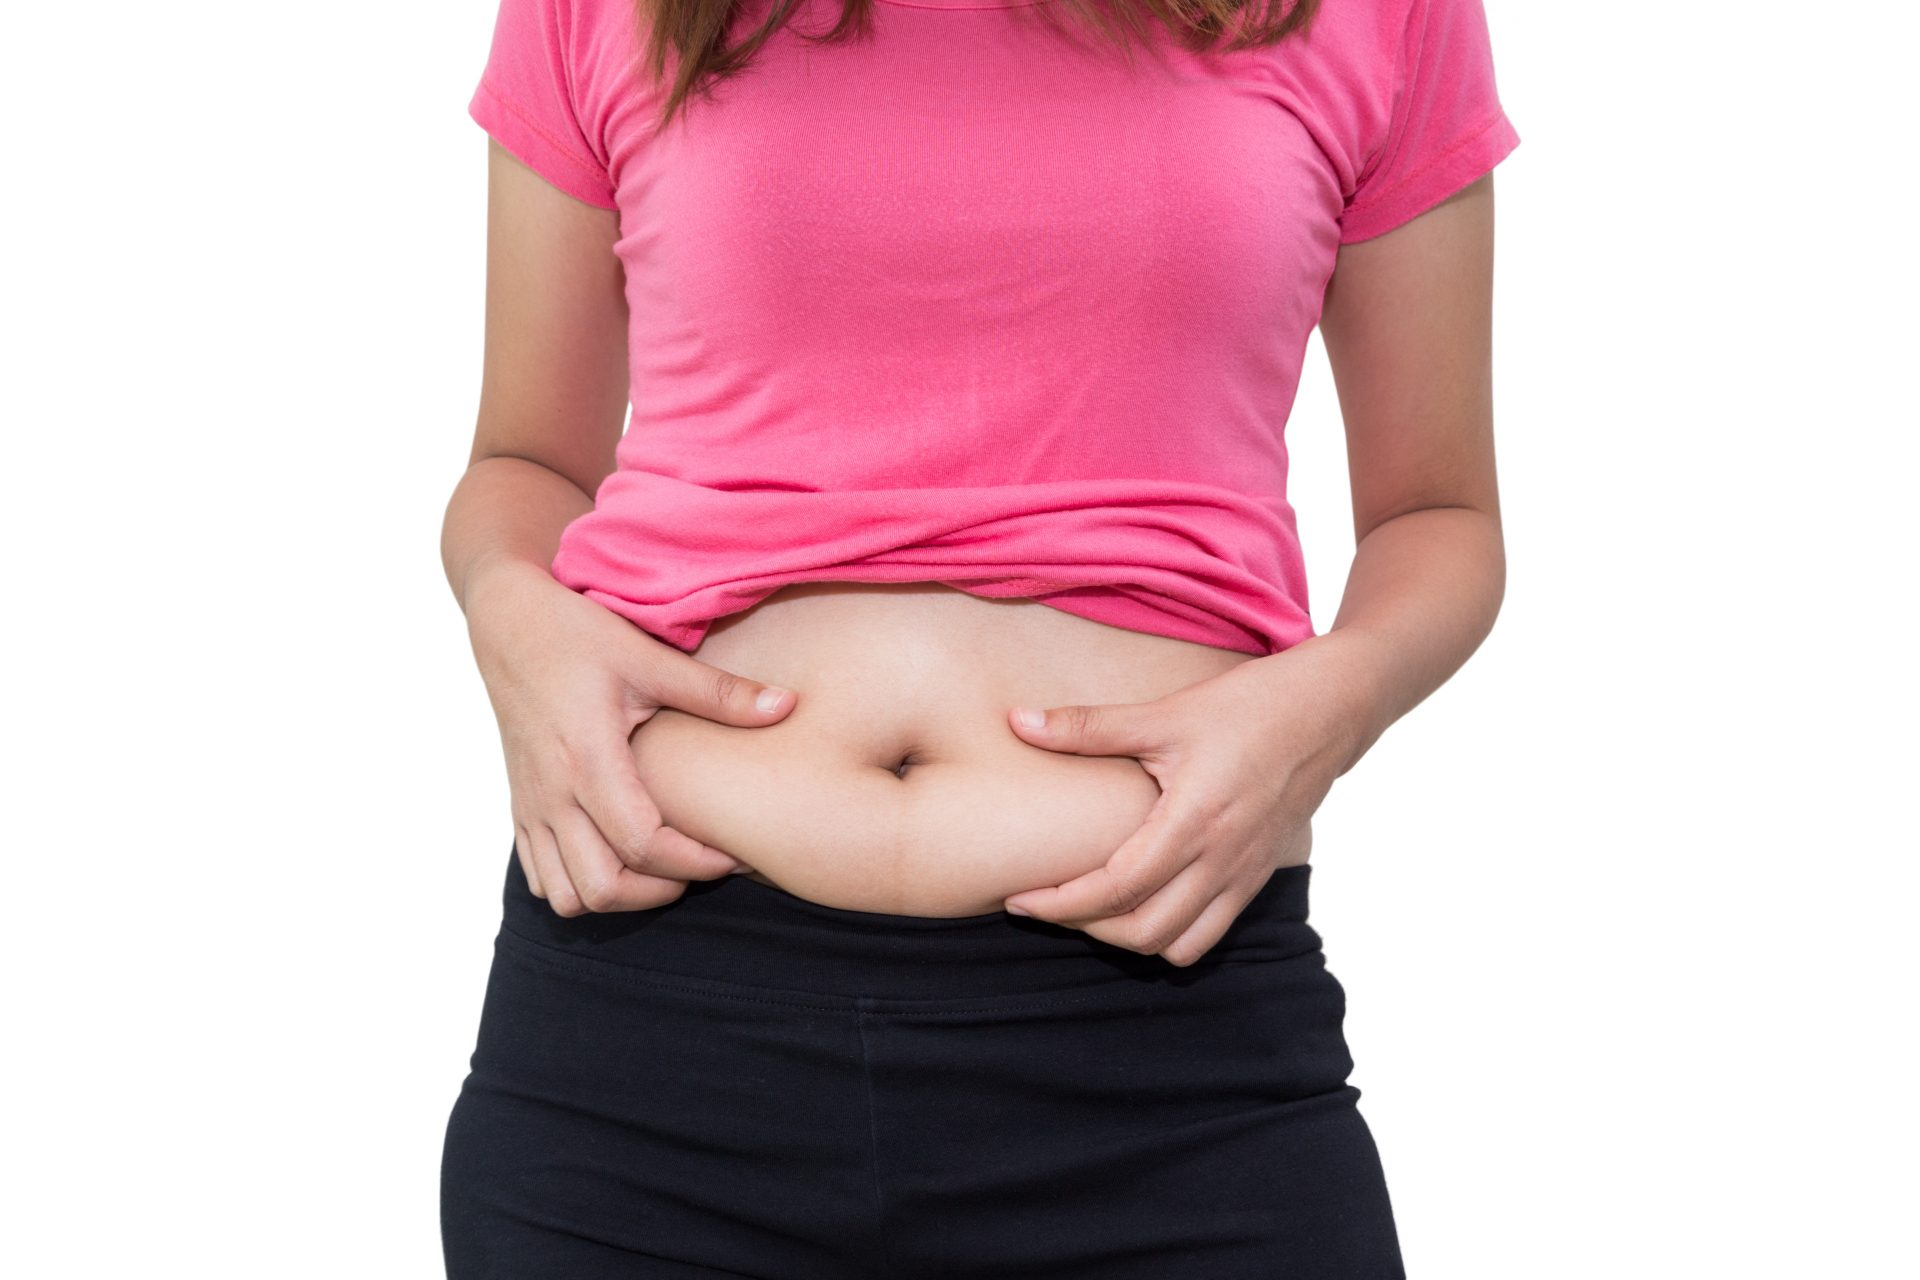 Jak szybko schudnąć z brzucha? 5 pomocnych trików